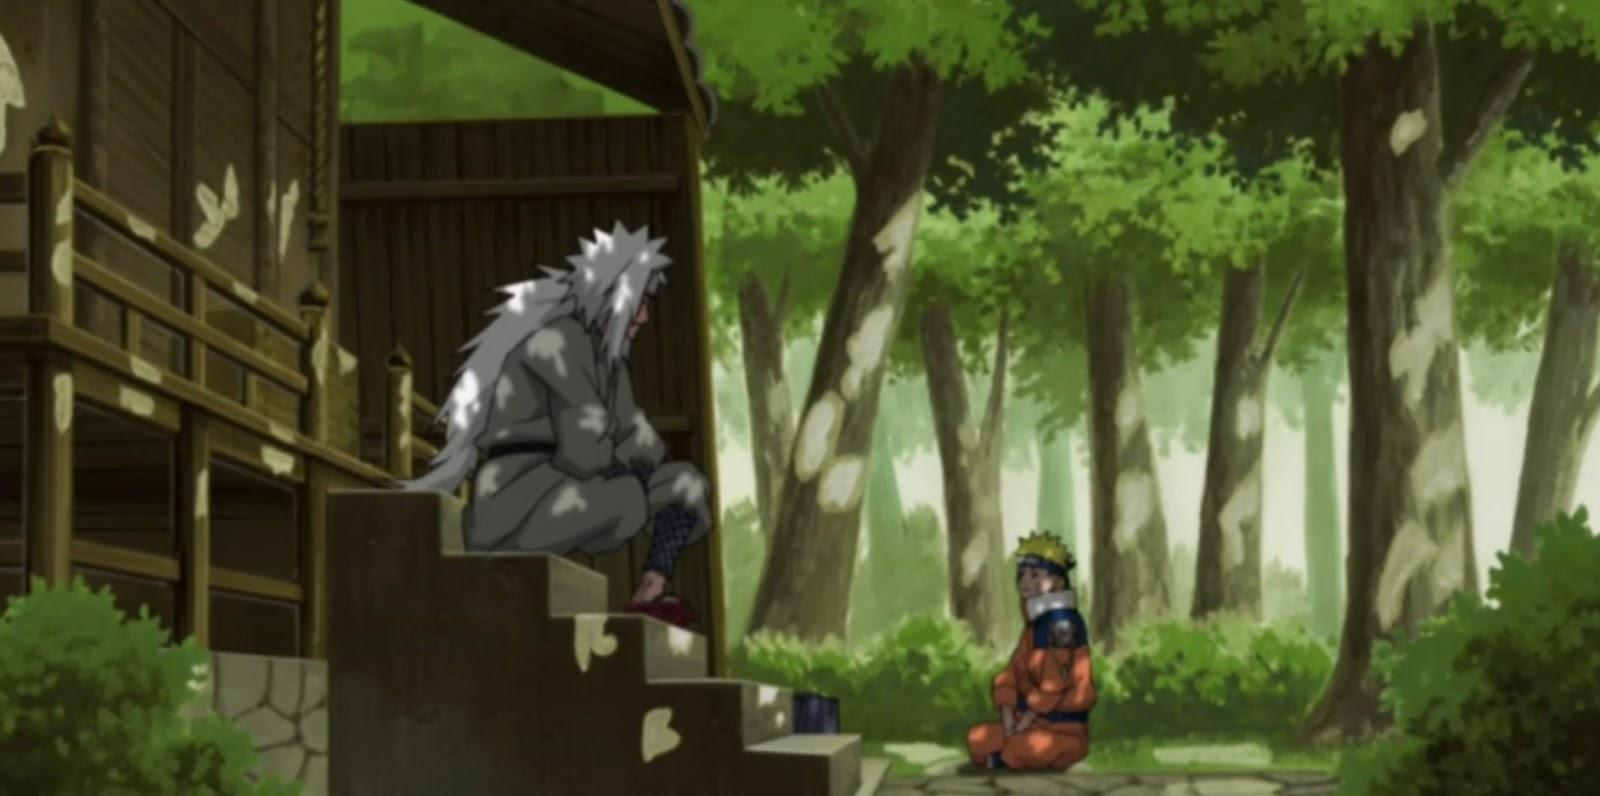 Naruto Shippuden Episódio 155, Assistir Naruto Shippuden Episódio 155, Assistir Naruto Shippuden Todos os Episódios Legendado, Naruto Shippuden episódio 155,HD